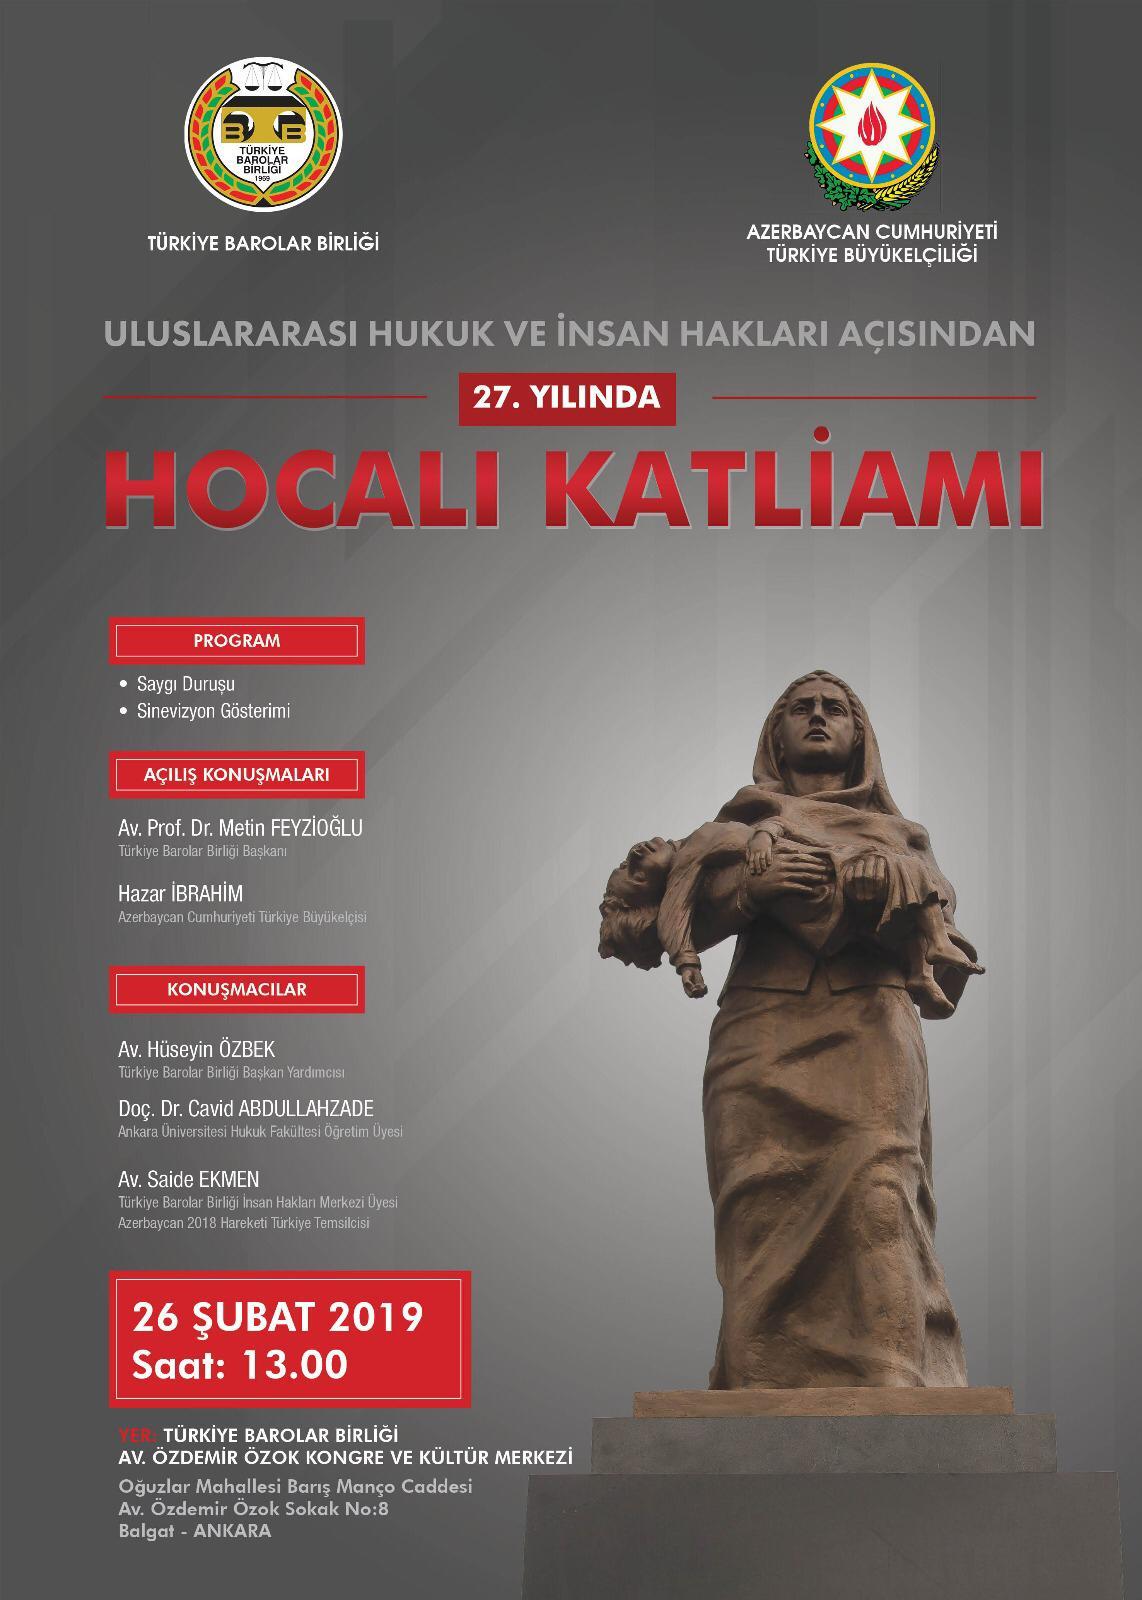 Uluslararası hukuk ve insan hakları açısından Hocalı Katliamı